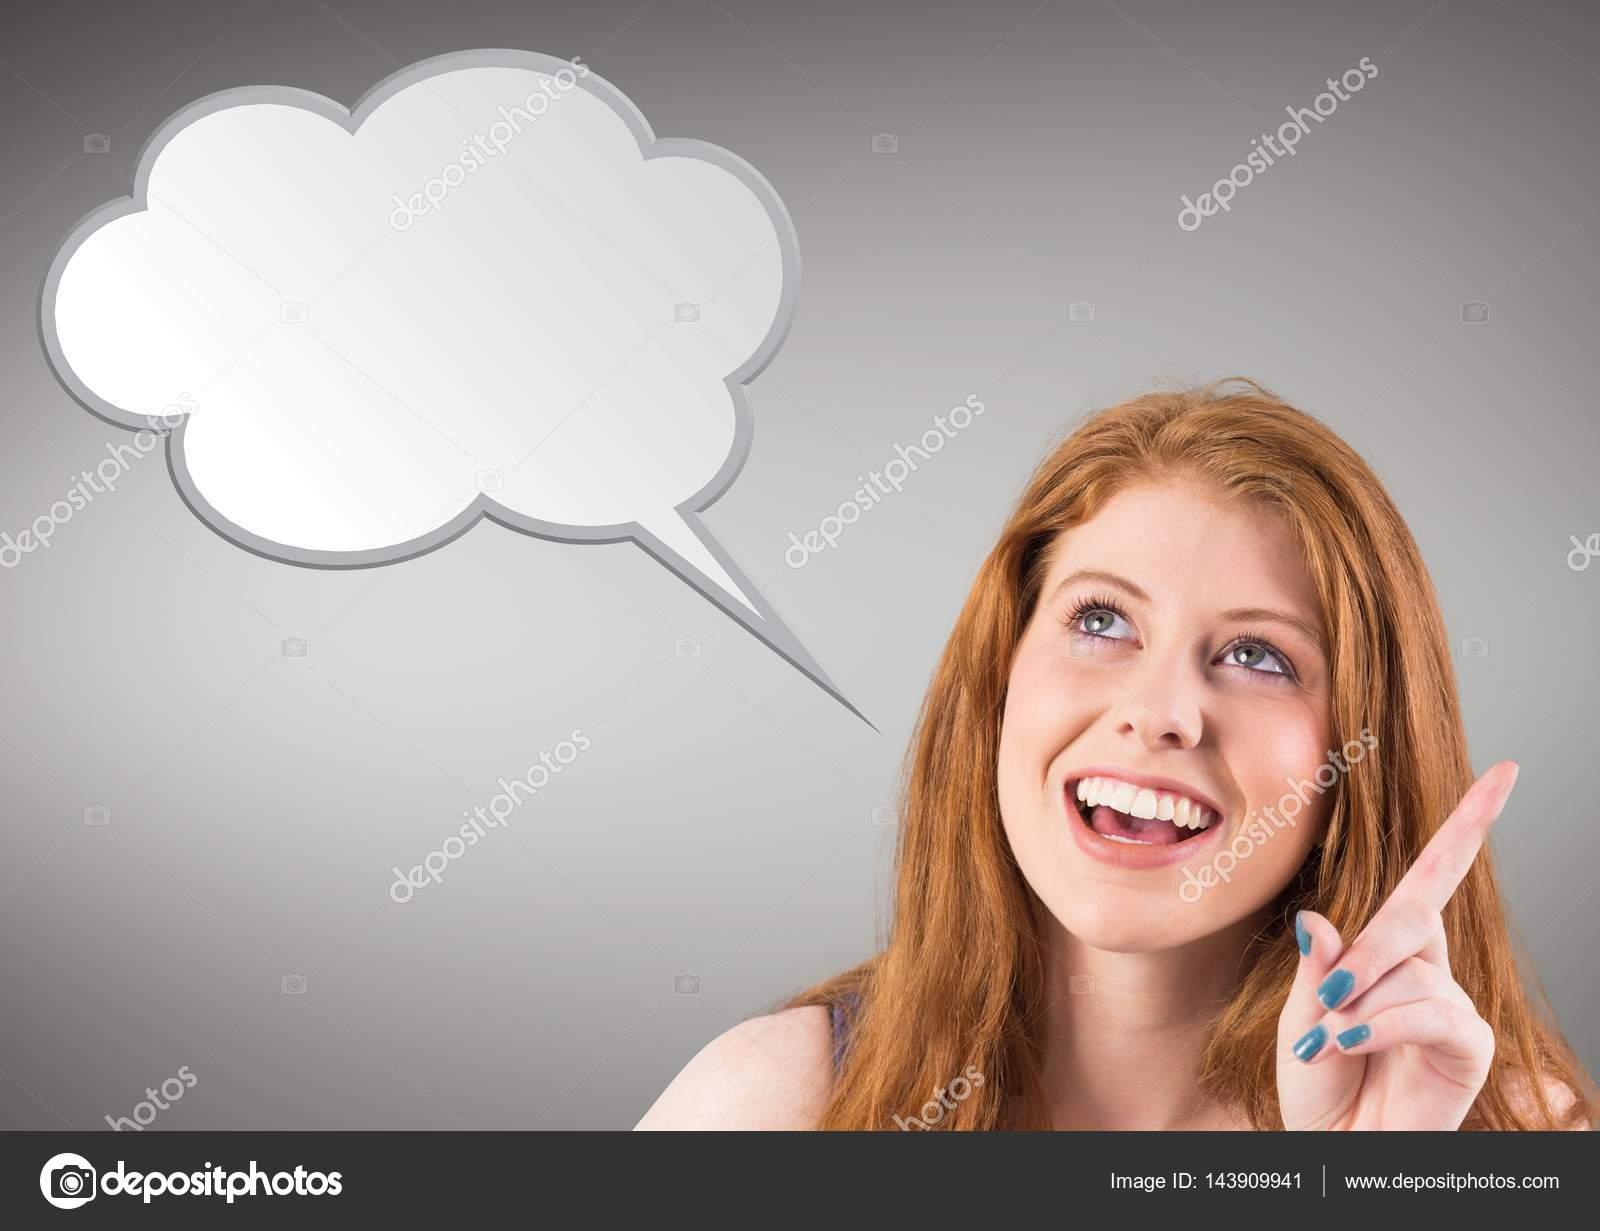 69927b845cf2 Imagen digital compuesta de mujer sonriente con el bocadillo de diálogo en  blanco sobre fondo gris — Foto de Wavebreakmedia